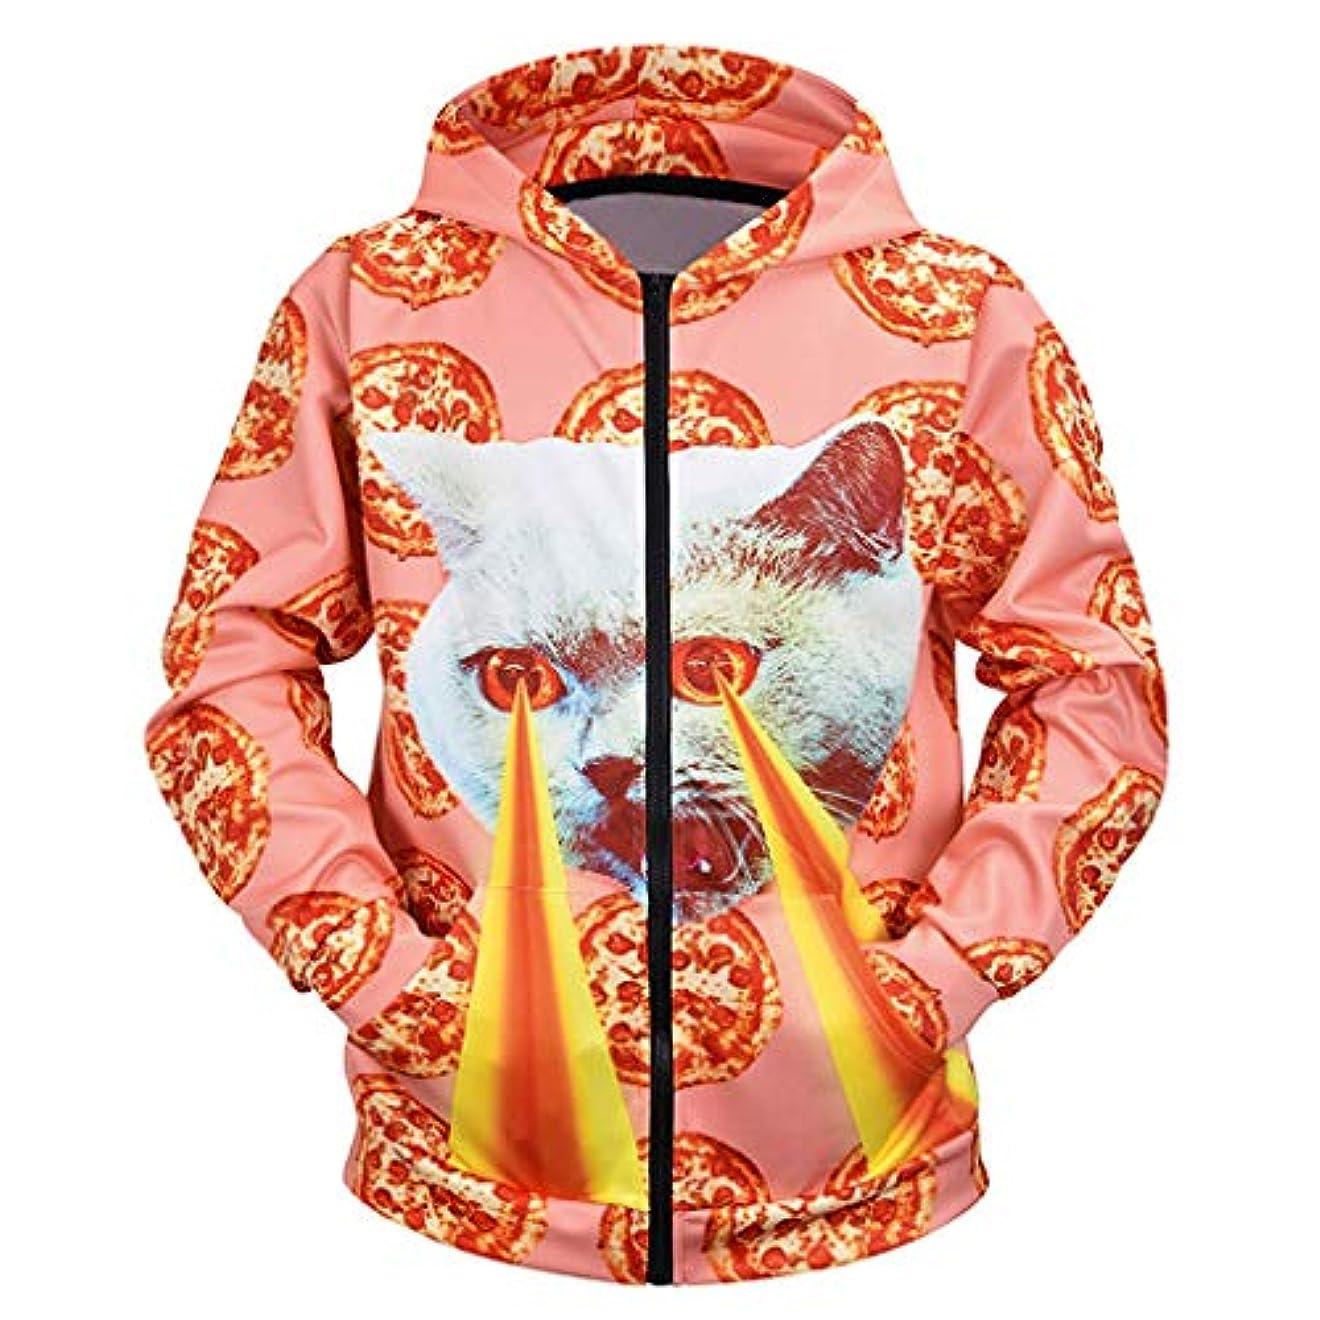 純粋に追う増幅Mangjiu メンズ パーカー メンズ 冬服 長袖 あったか 軽いアウトドア 冬用 ジャケット 防寒服 上着 かっこいい服 冬 シャツ コート スポーツ 韓国風 冬の定番 帽子付き いろいろかわい柄おかしいパーカー長袖トレーナー生き抜くコート